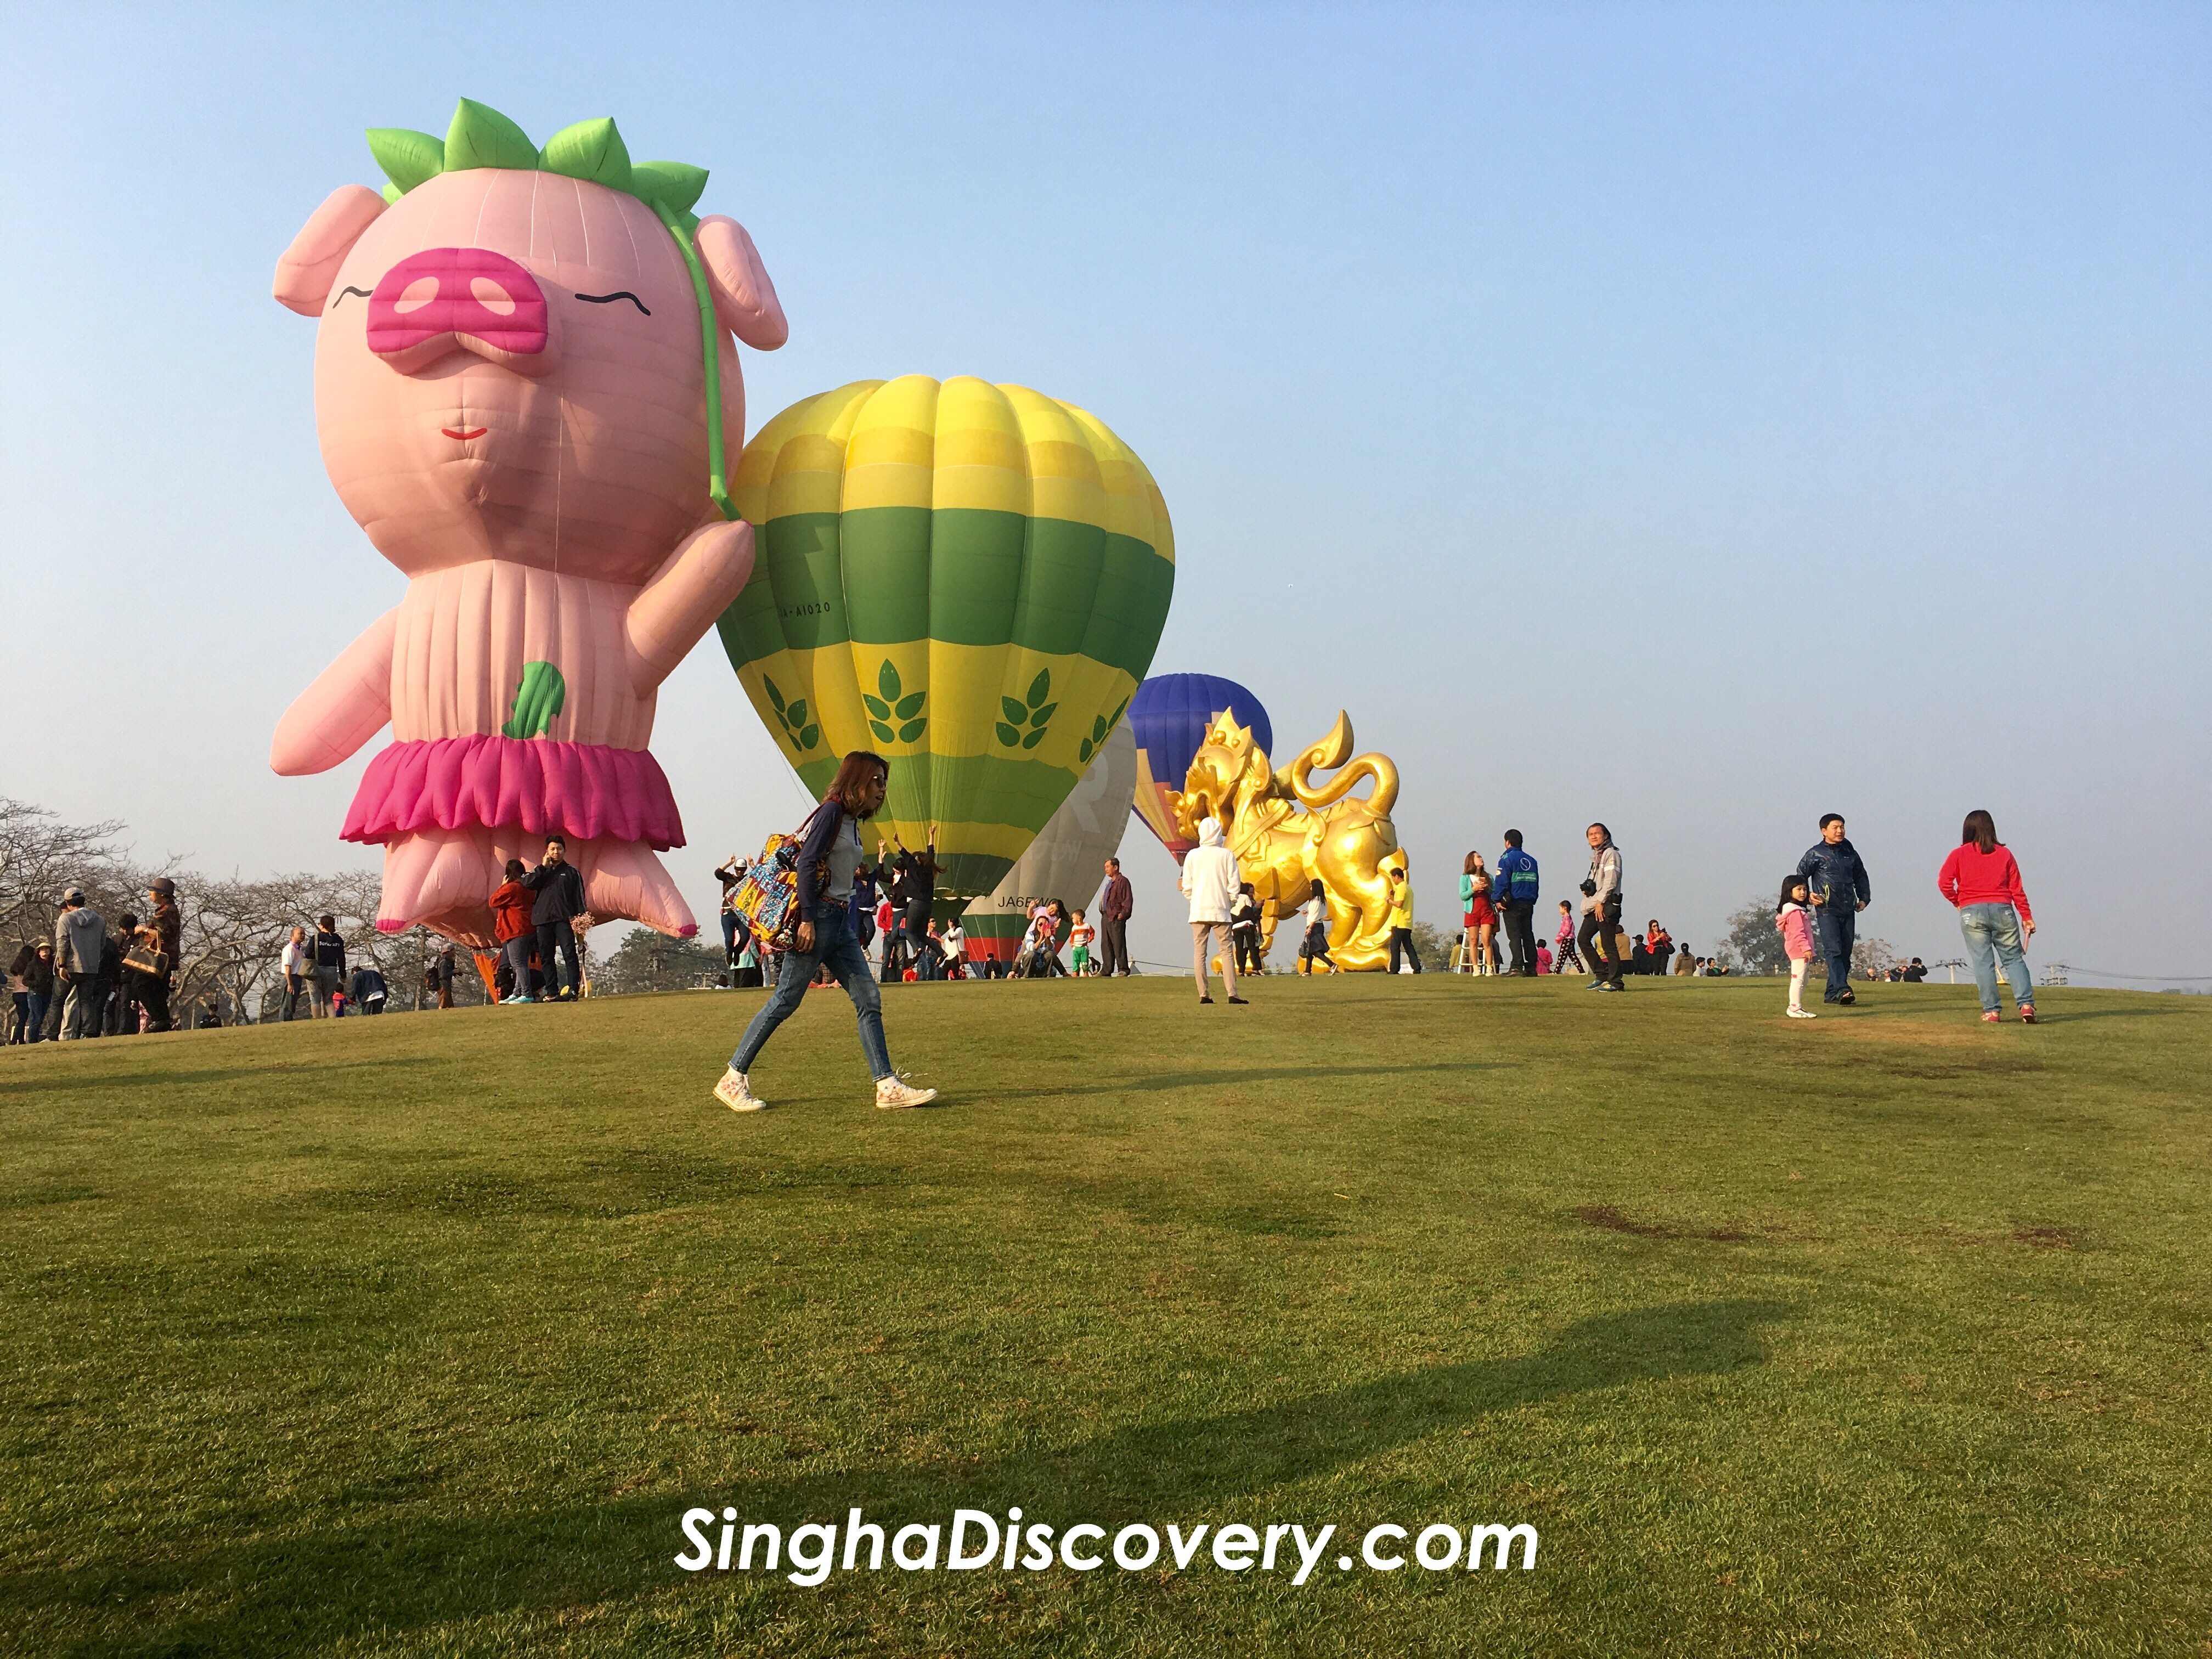 Singha Balloon Fiesta 2016